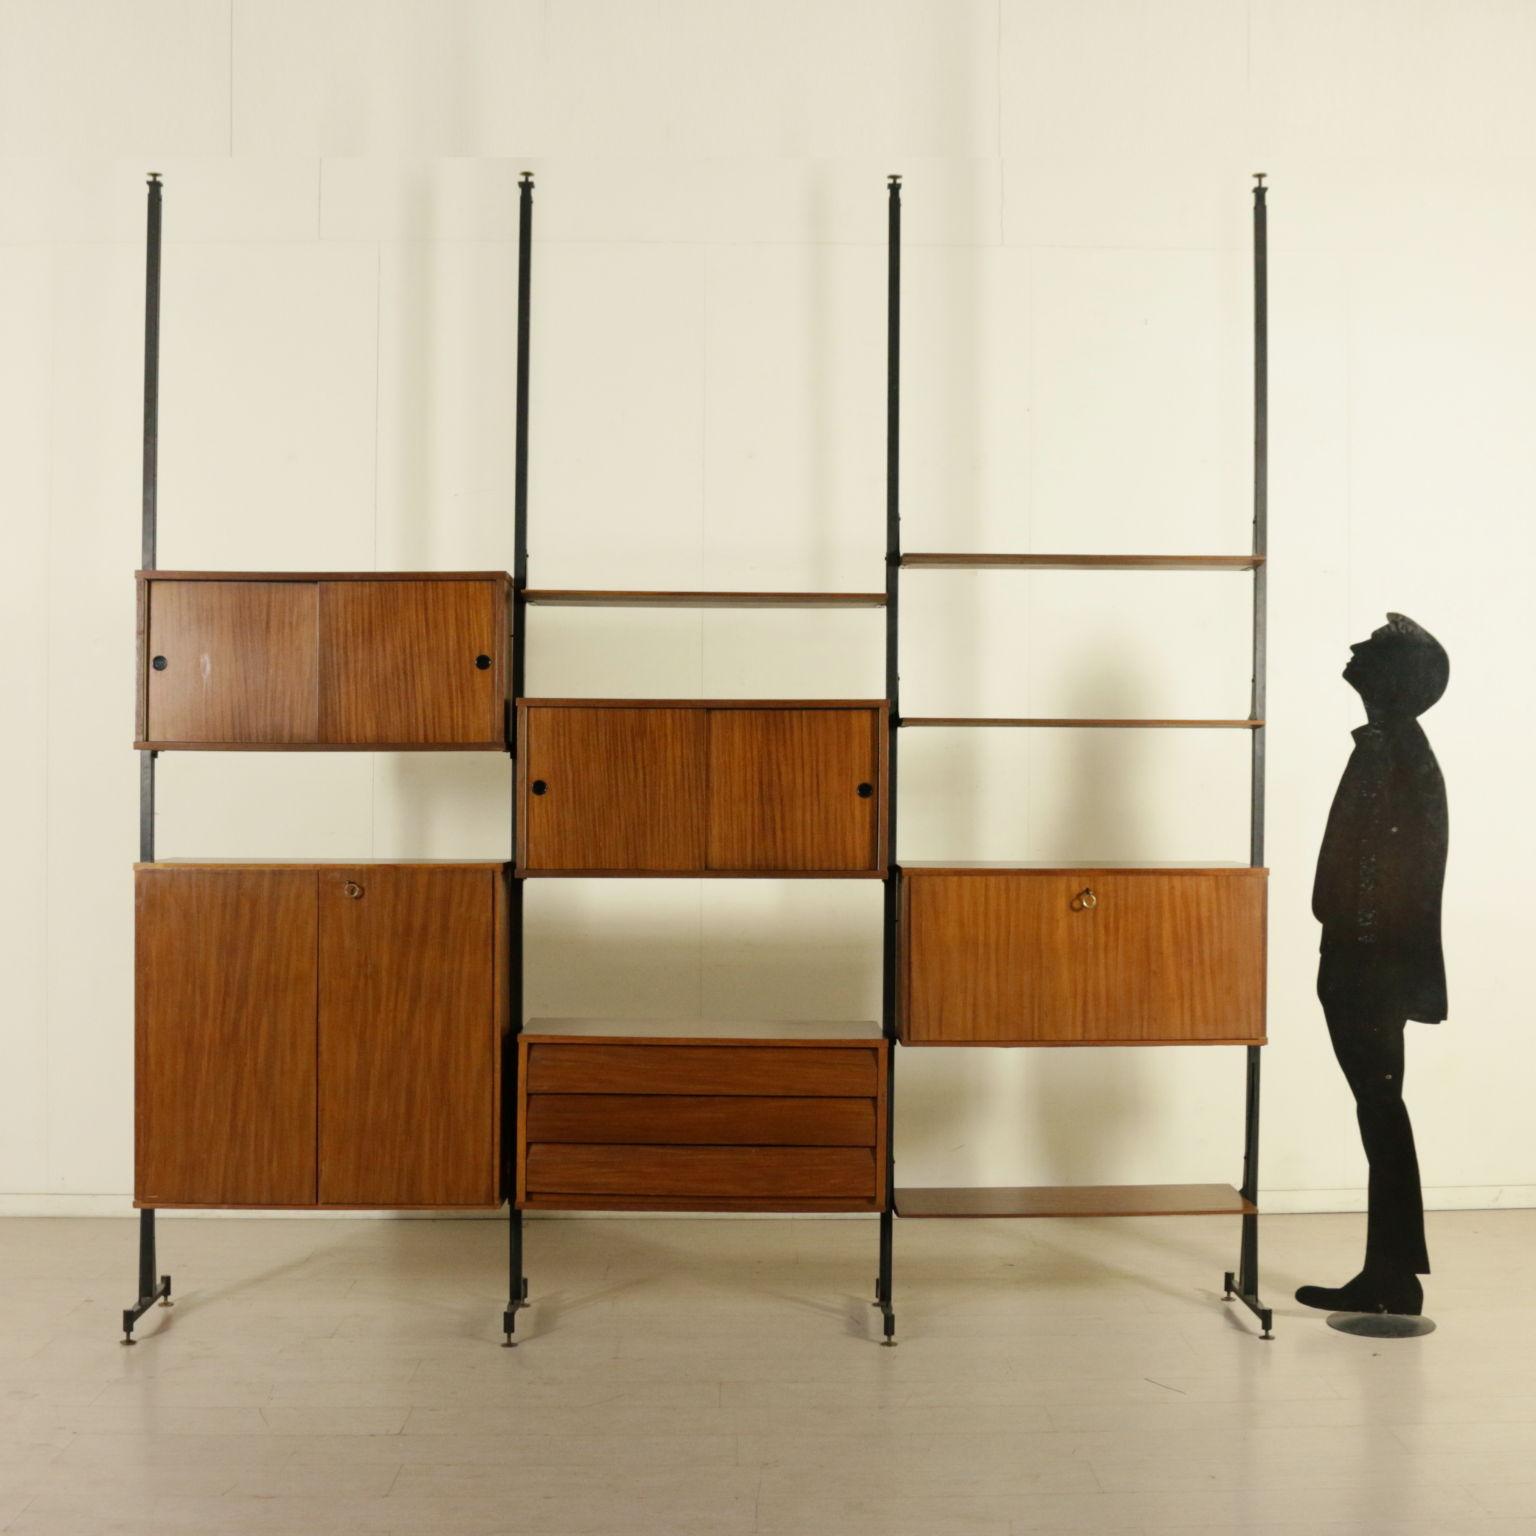 biblioth que ann es 50 60 vintage italie les biblioth ques design moderne. Black Bedroom Furniture Sets. Home Design Ideas